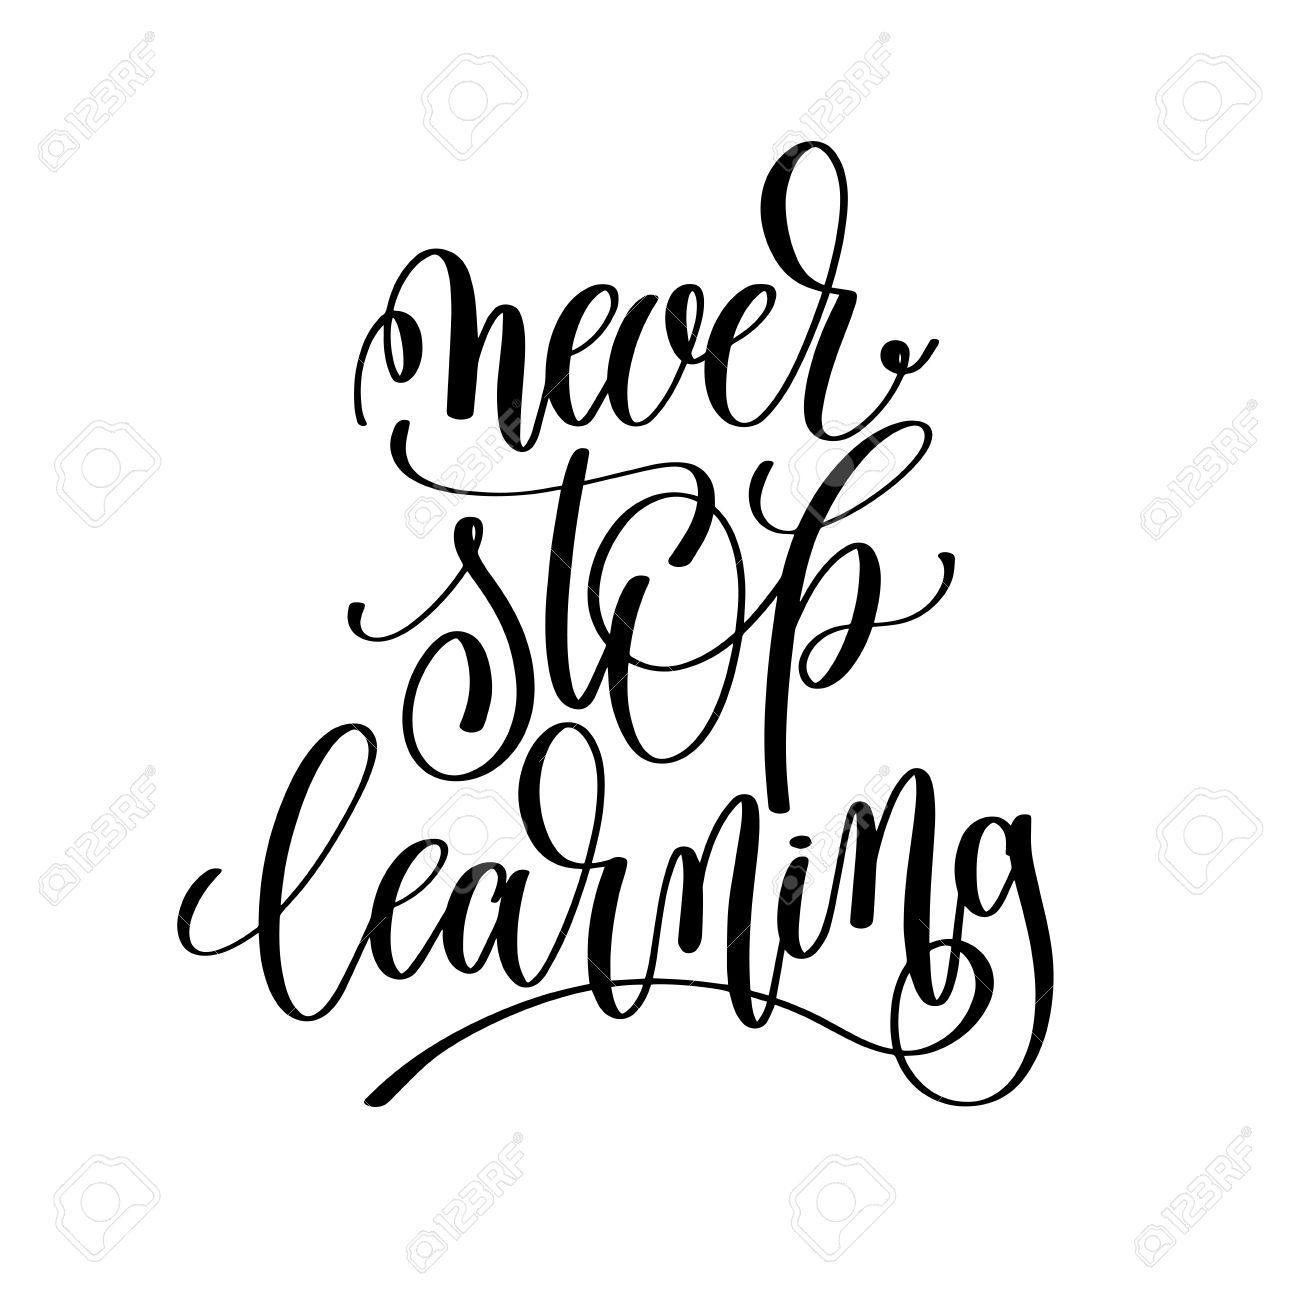 Nunca Deje De Aprender Letra En Blanco Y Negro Escritos Lettering Cita Positiva La Motivación Y La Inspiración Frase De Caligrafía Moderna